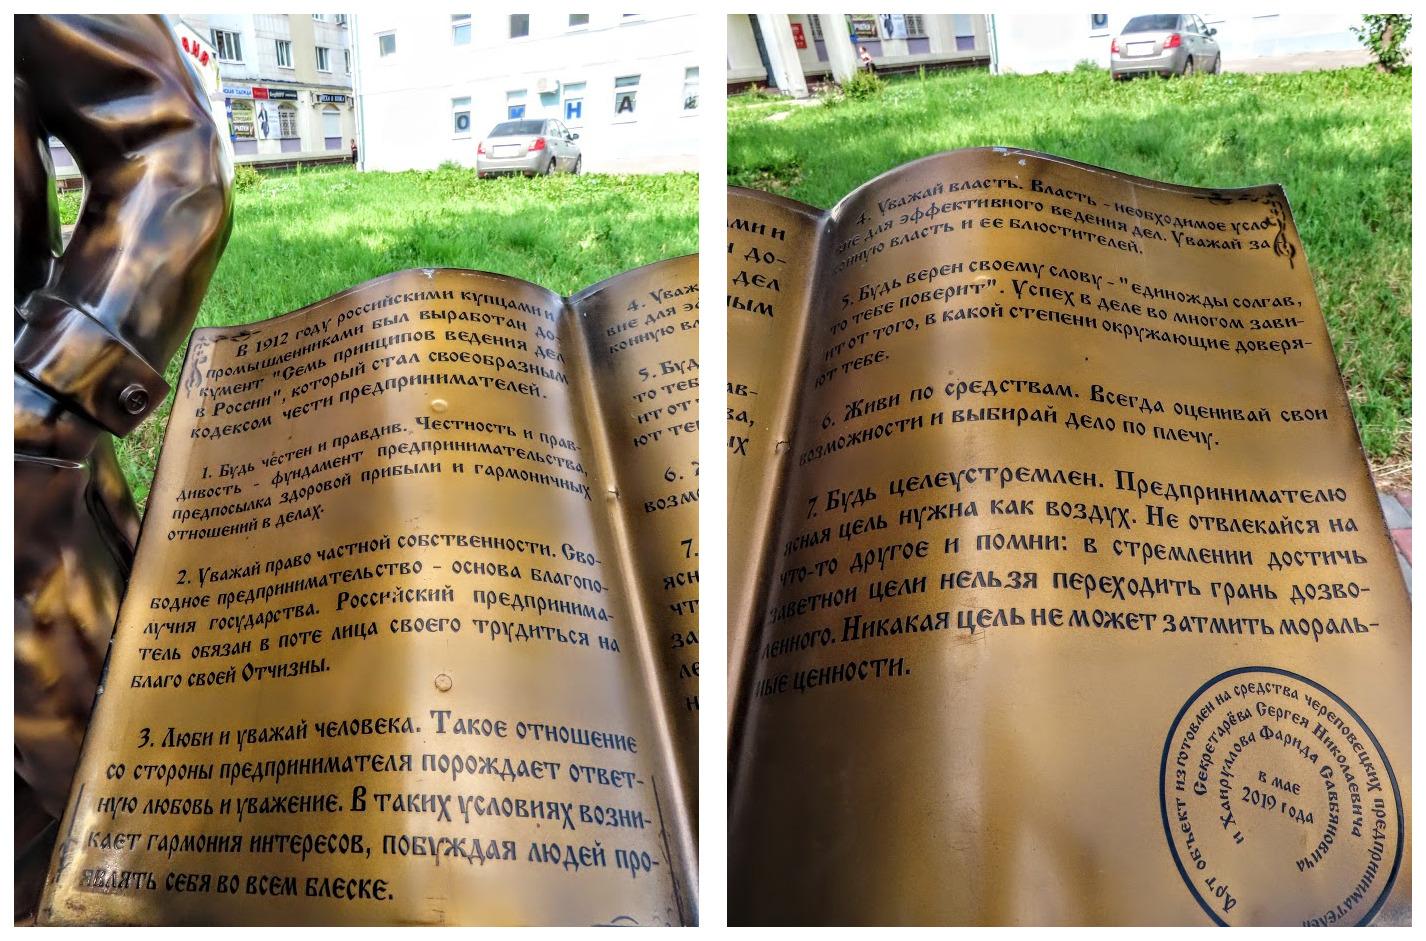 imgonline-com-ua-Collage-2-Ah-Xr-Qm2-MHp8-U1-Y